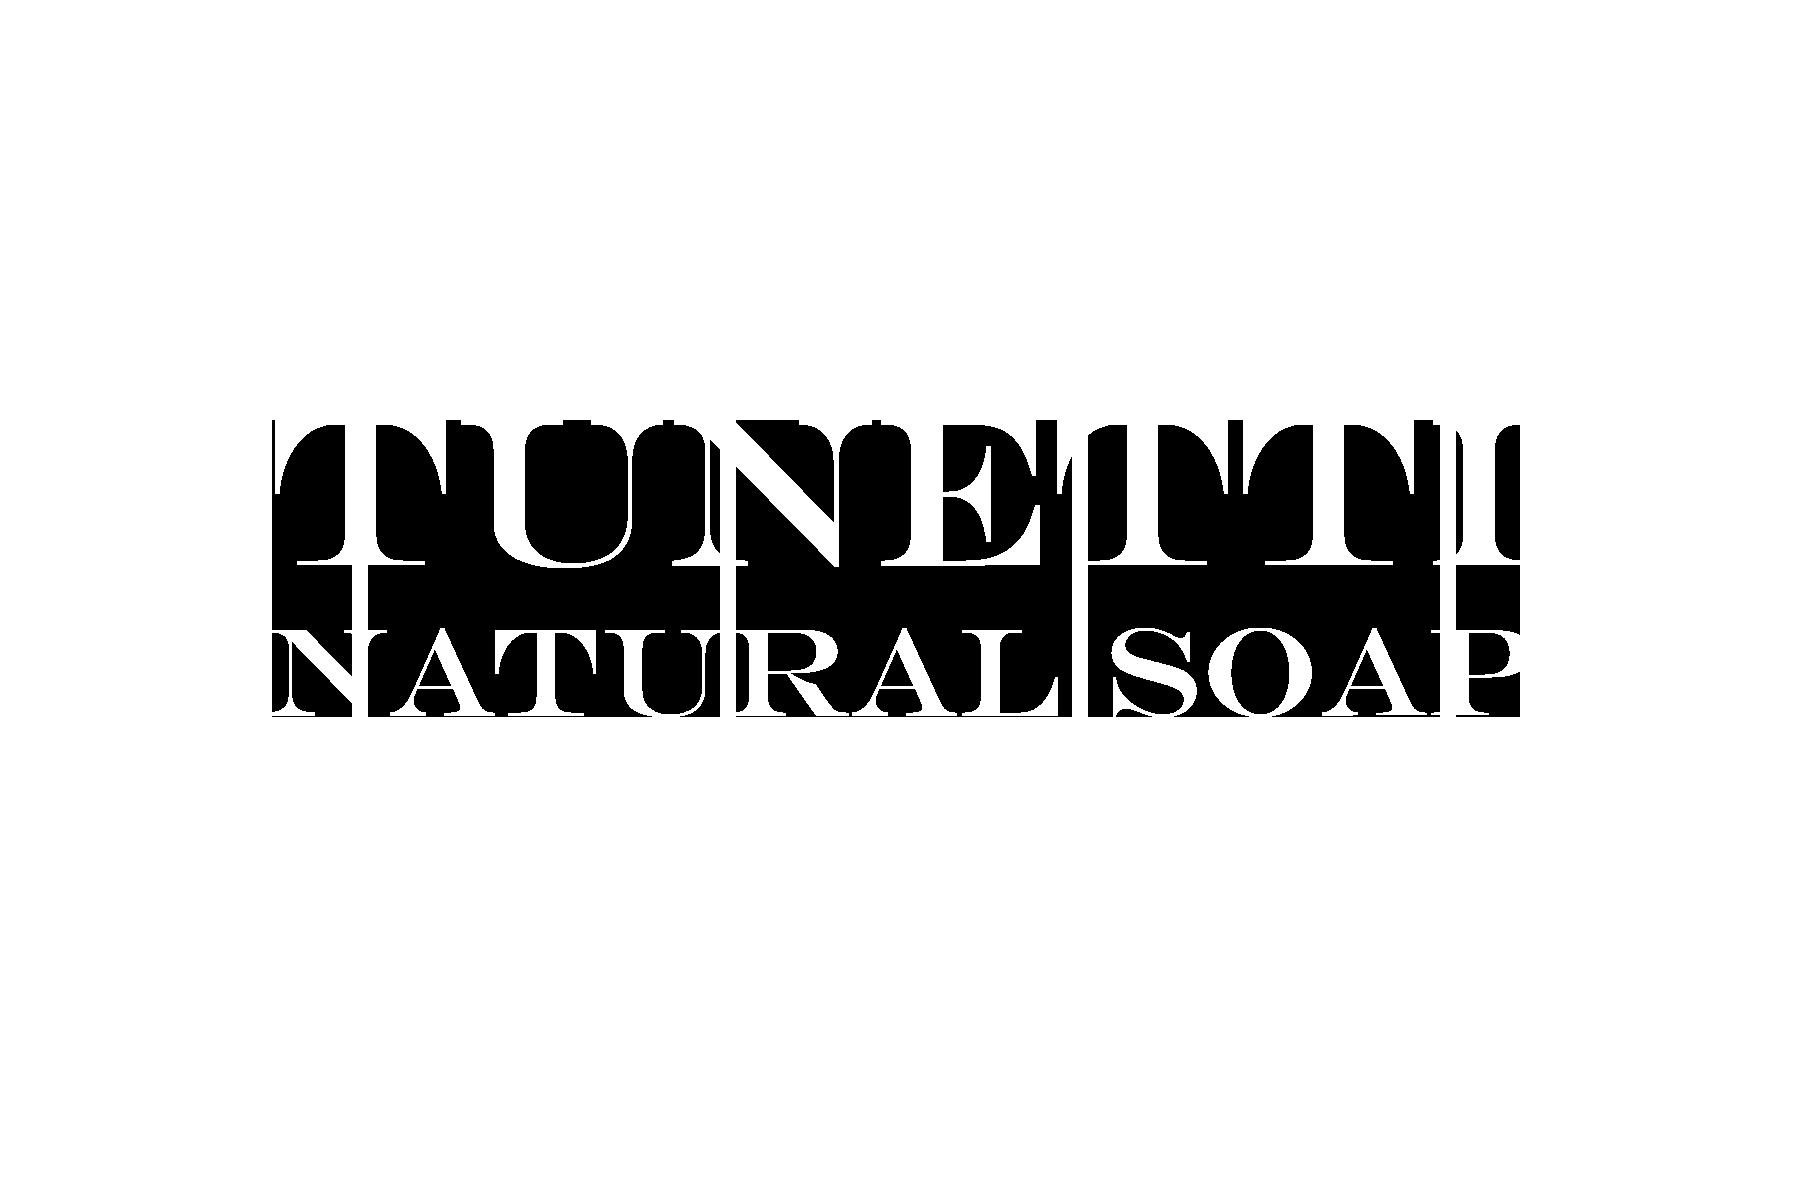 Tunetti Natural